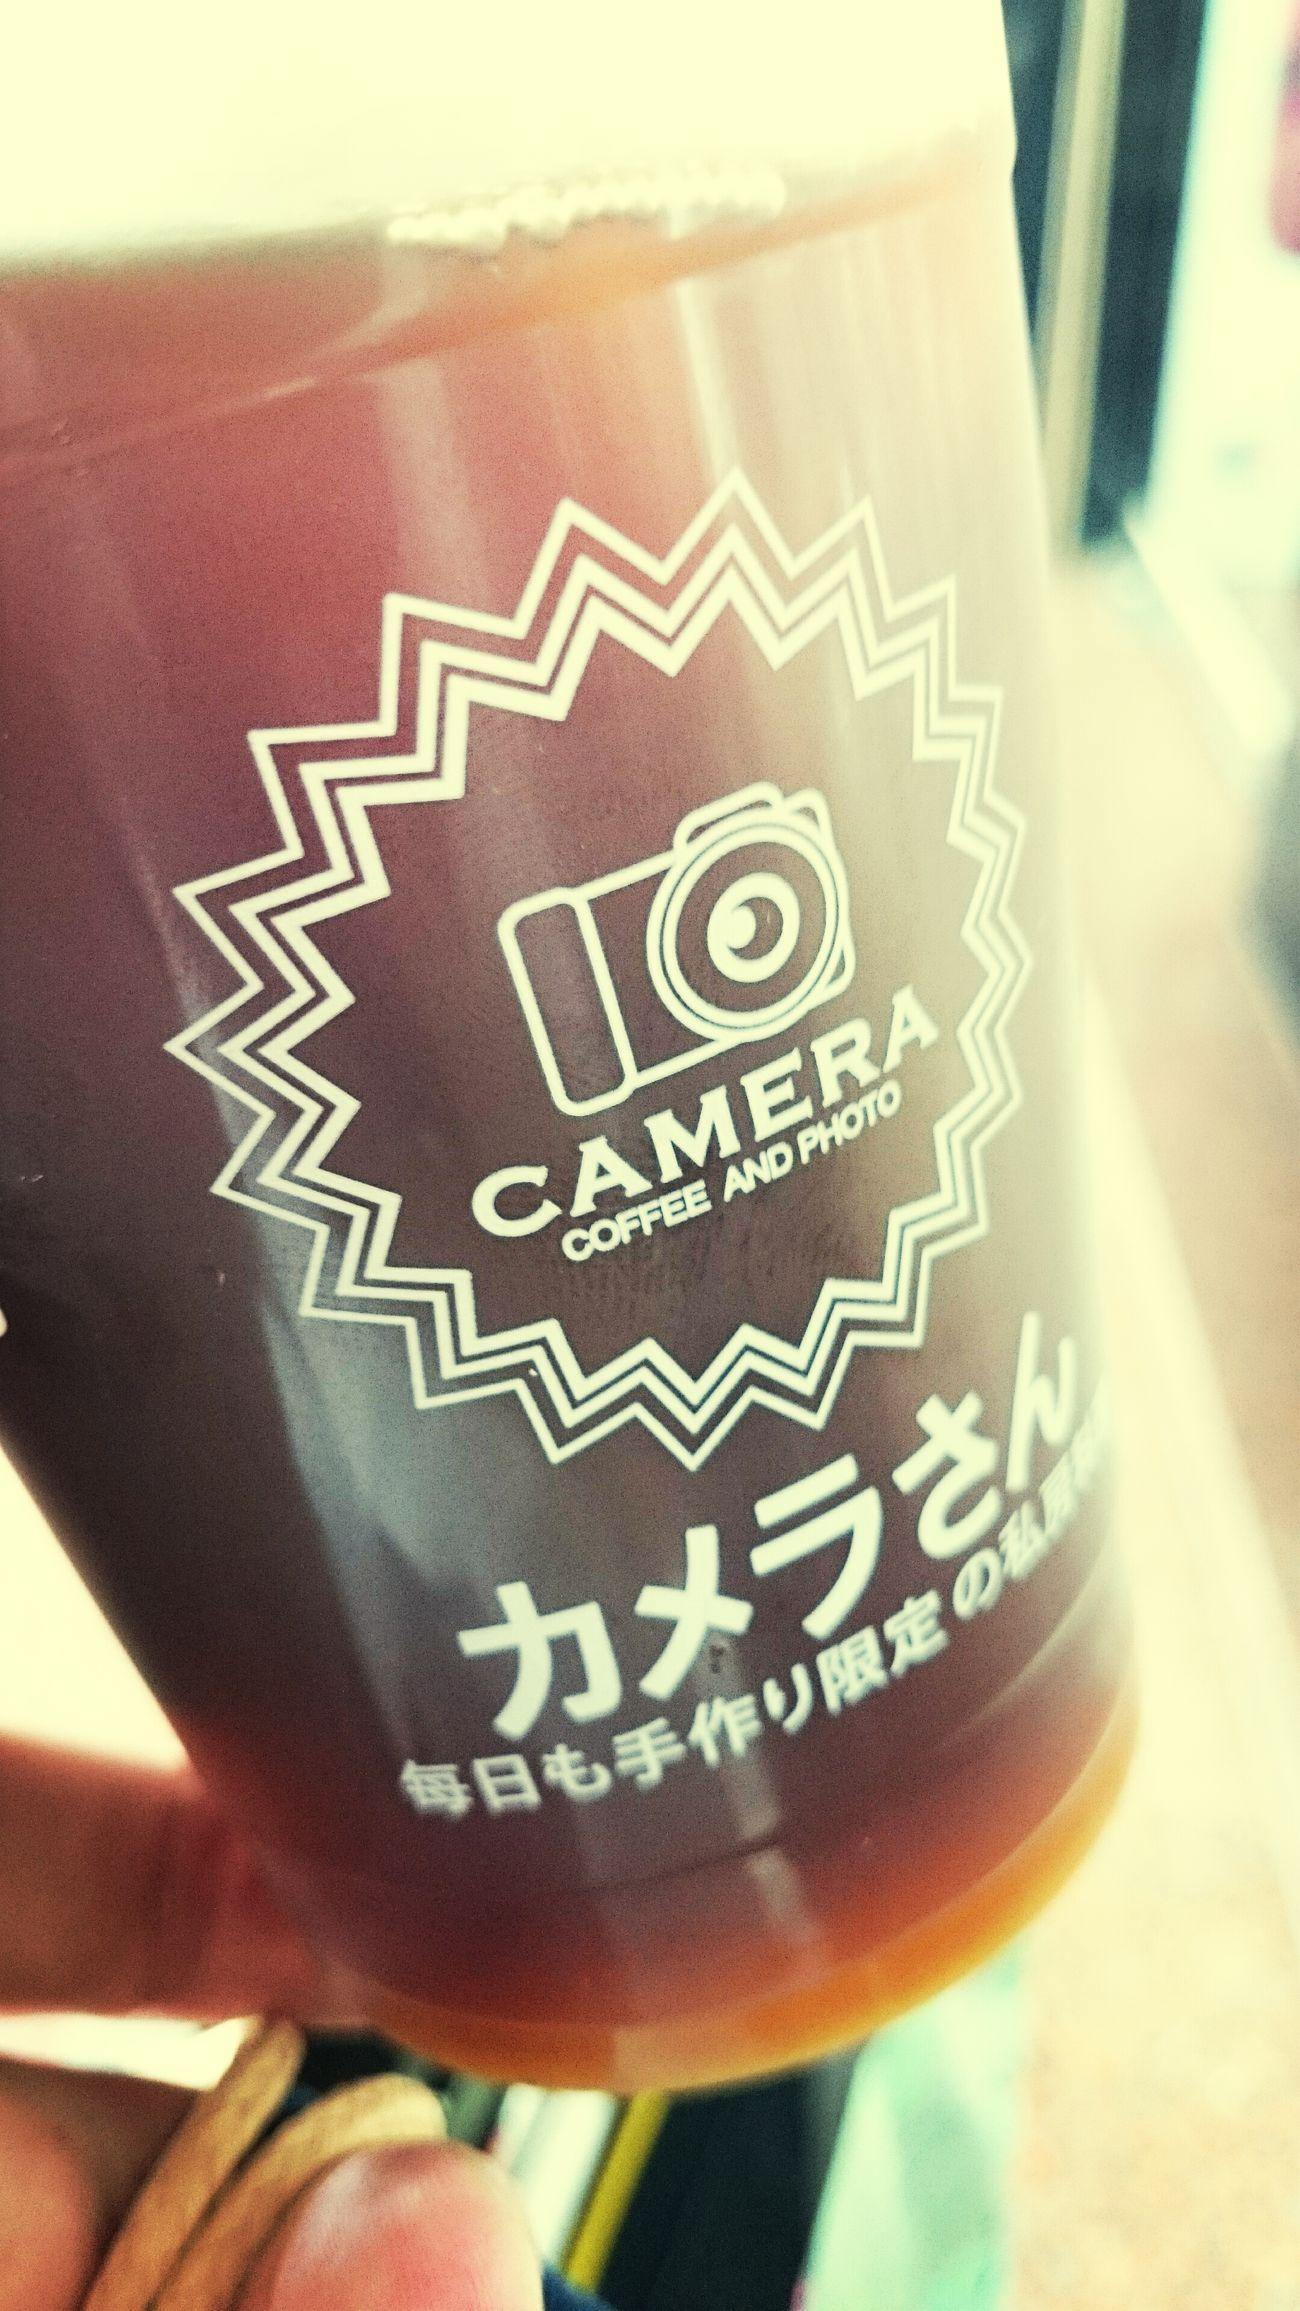 カメラさん is 誰 Coffee